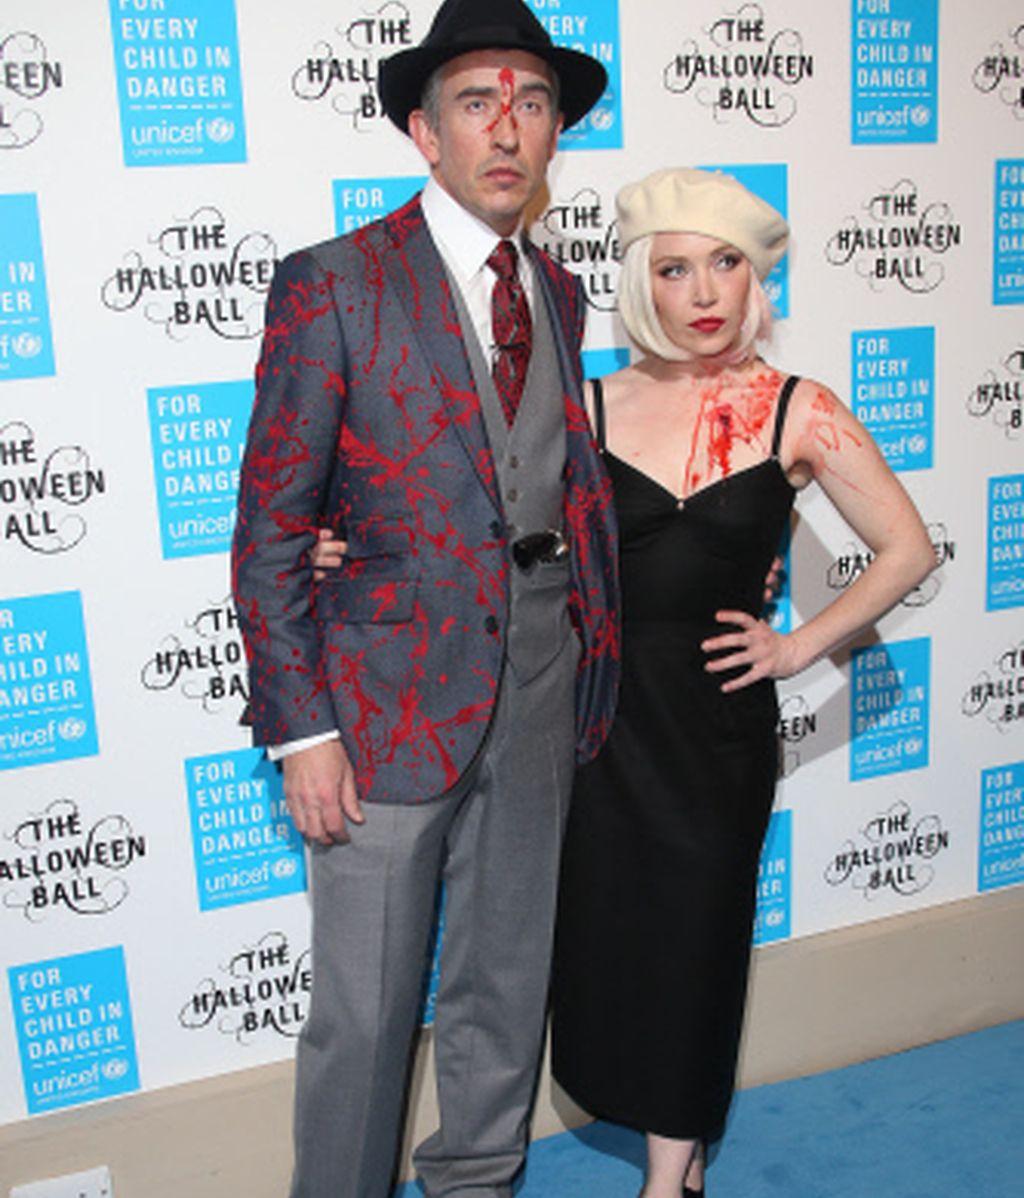 La pareja, Steve Coogan y Daisy Lewis, estilosos y aterradores